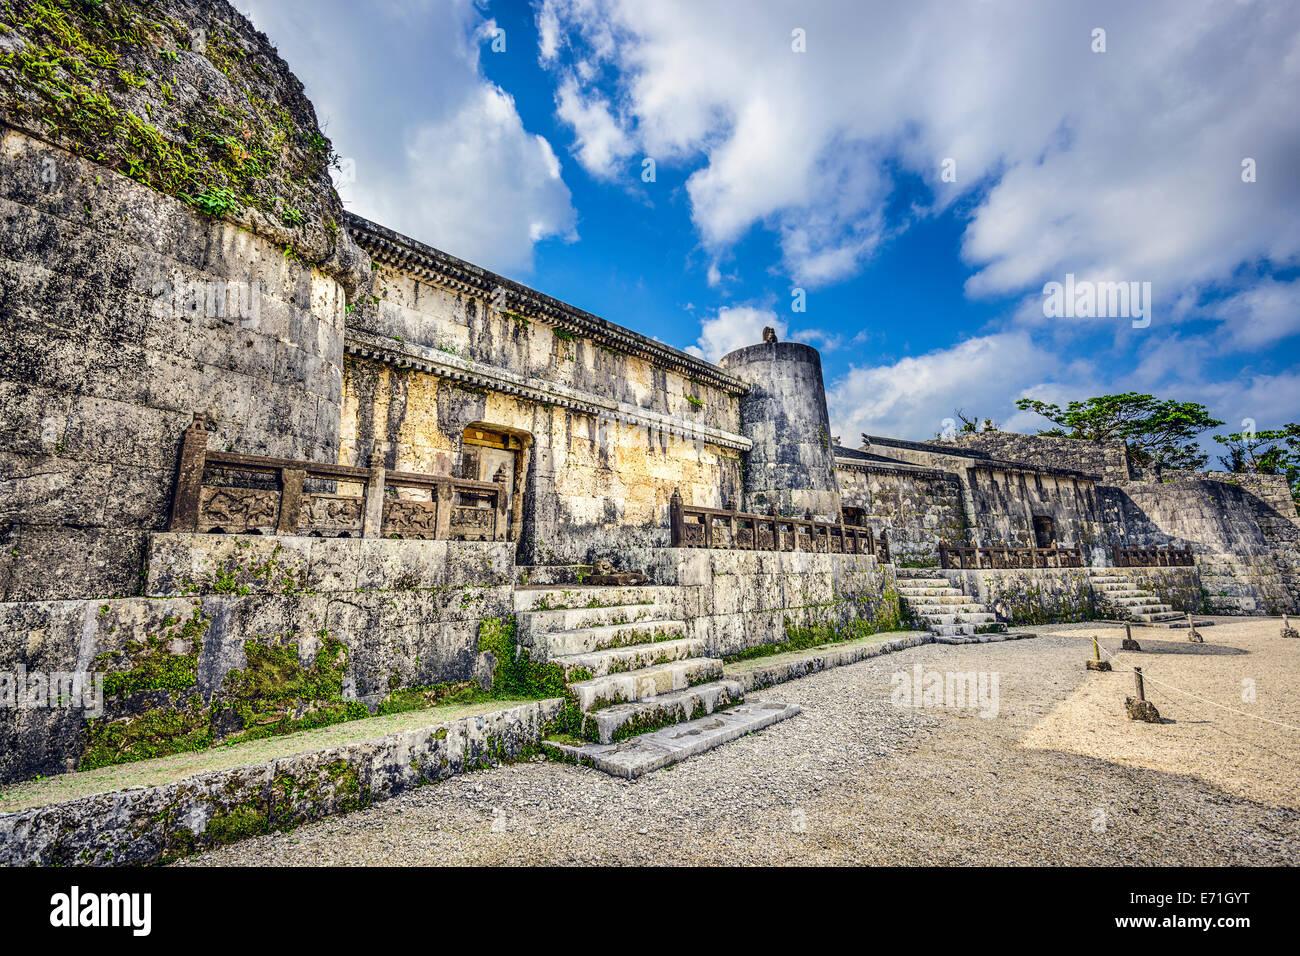 Mausoleo Tamaudun en Okinawa, Japón. Los restos de 18 reyes Ryuku y sus familias están enterrados en Tamaudun. Foto de stock